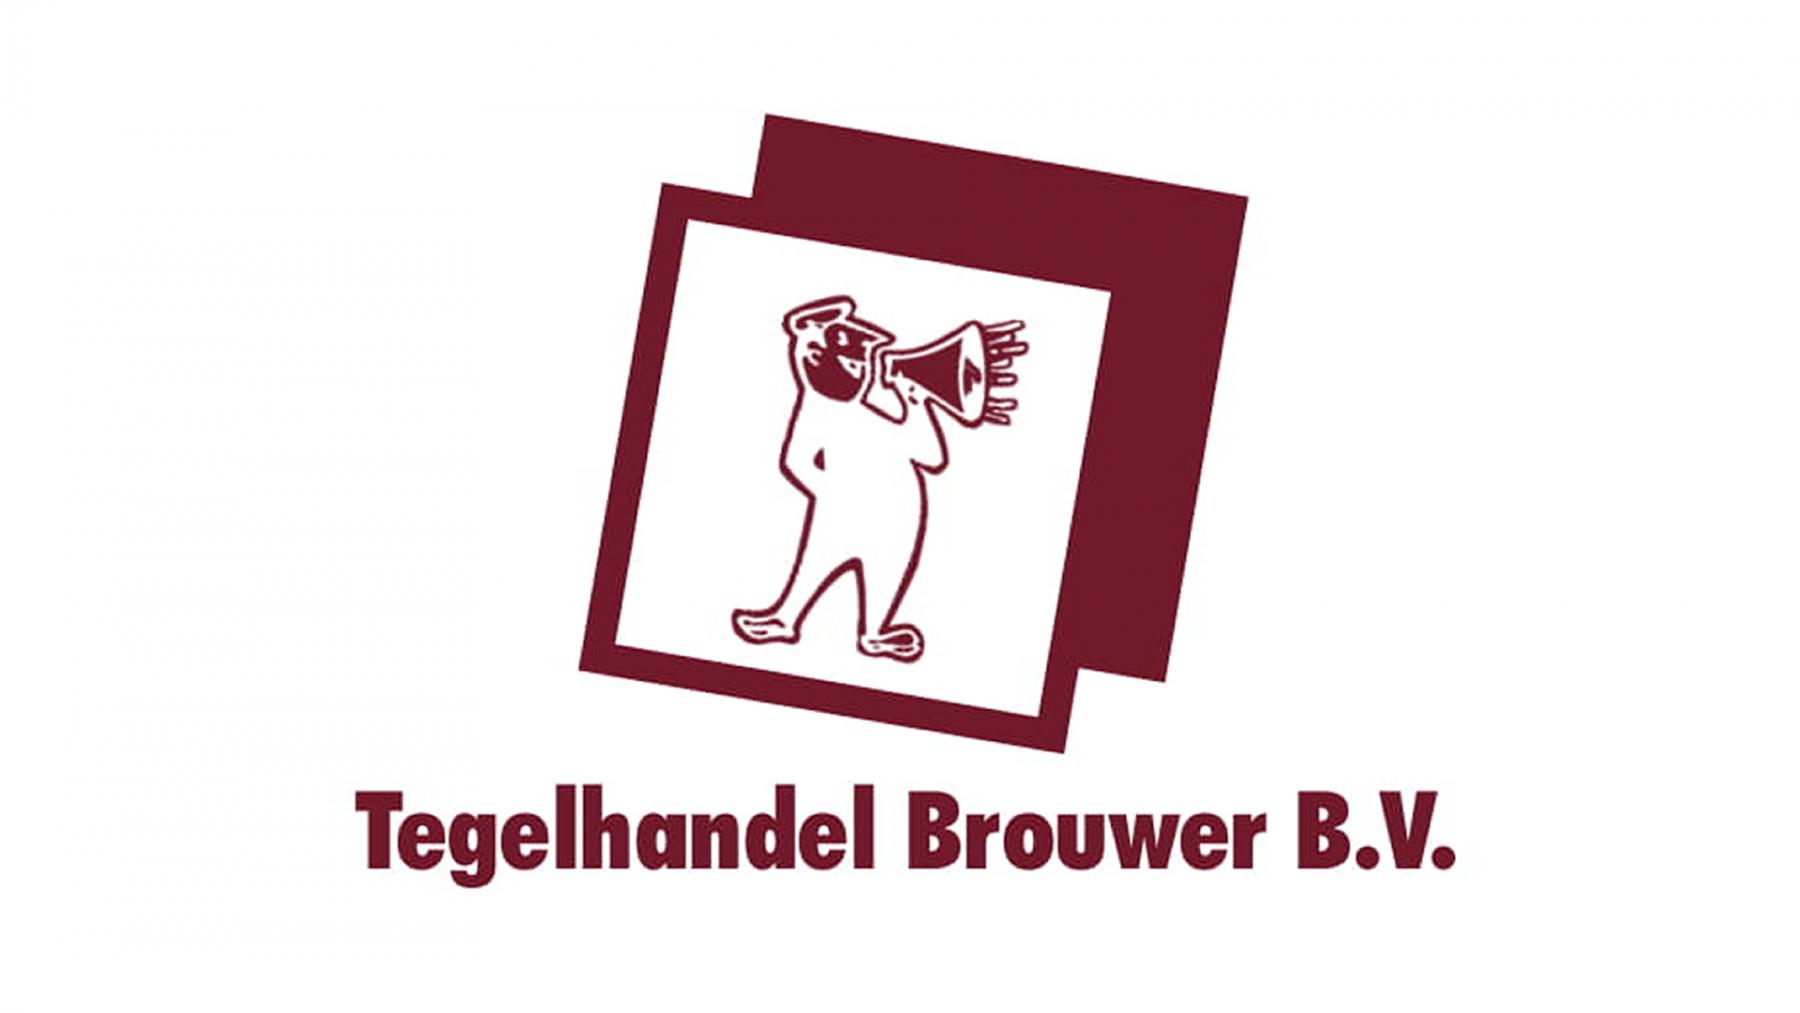 Brouwer-Tegelhandel.fw_